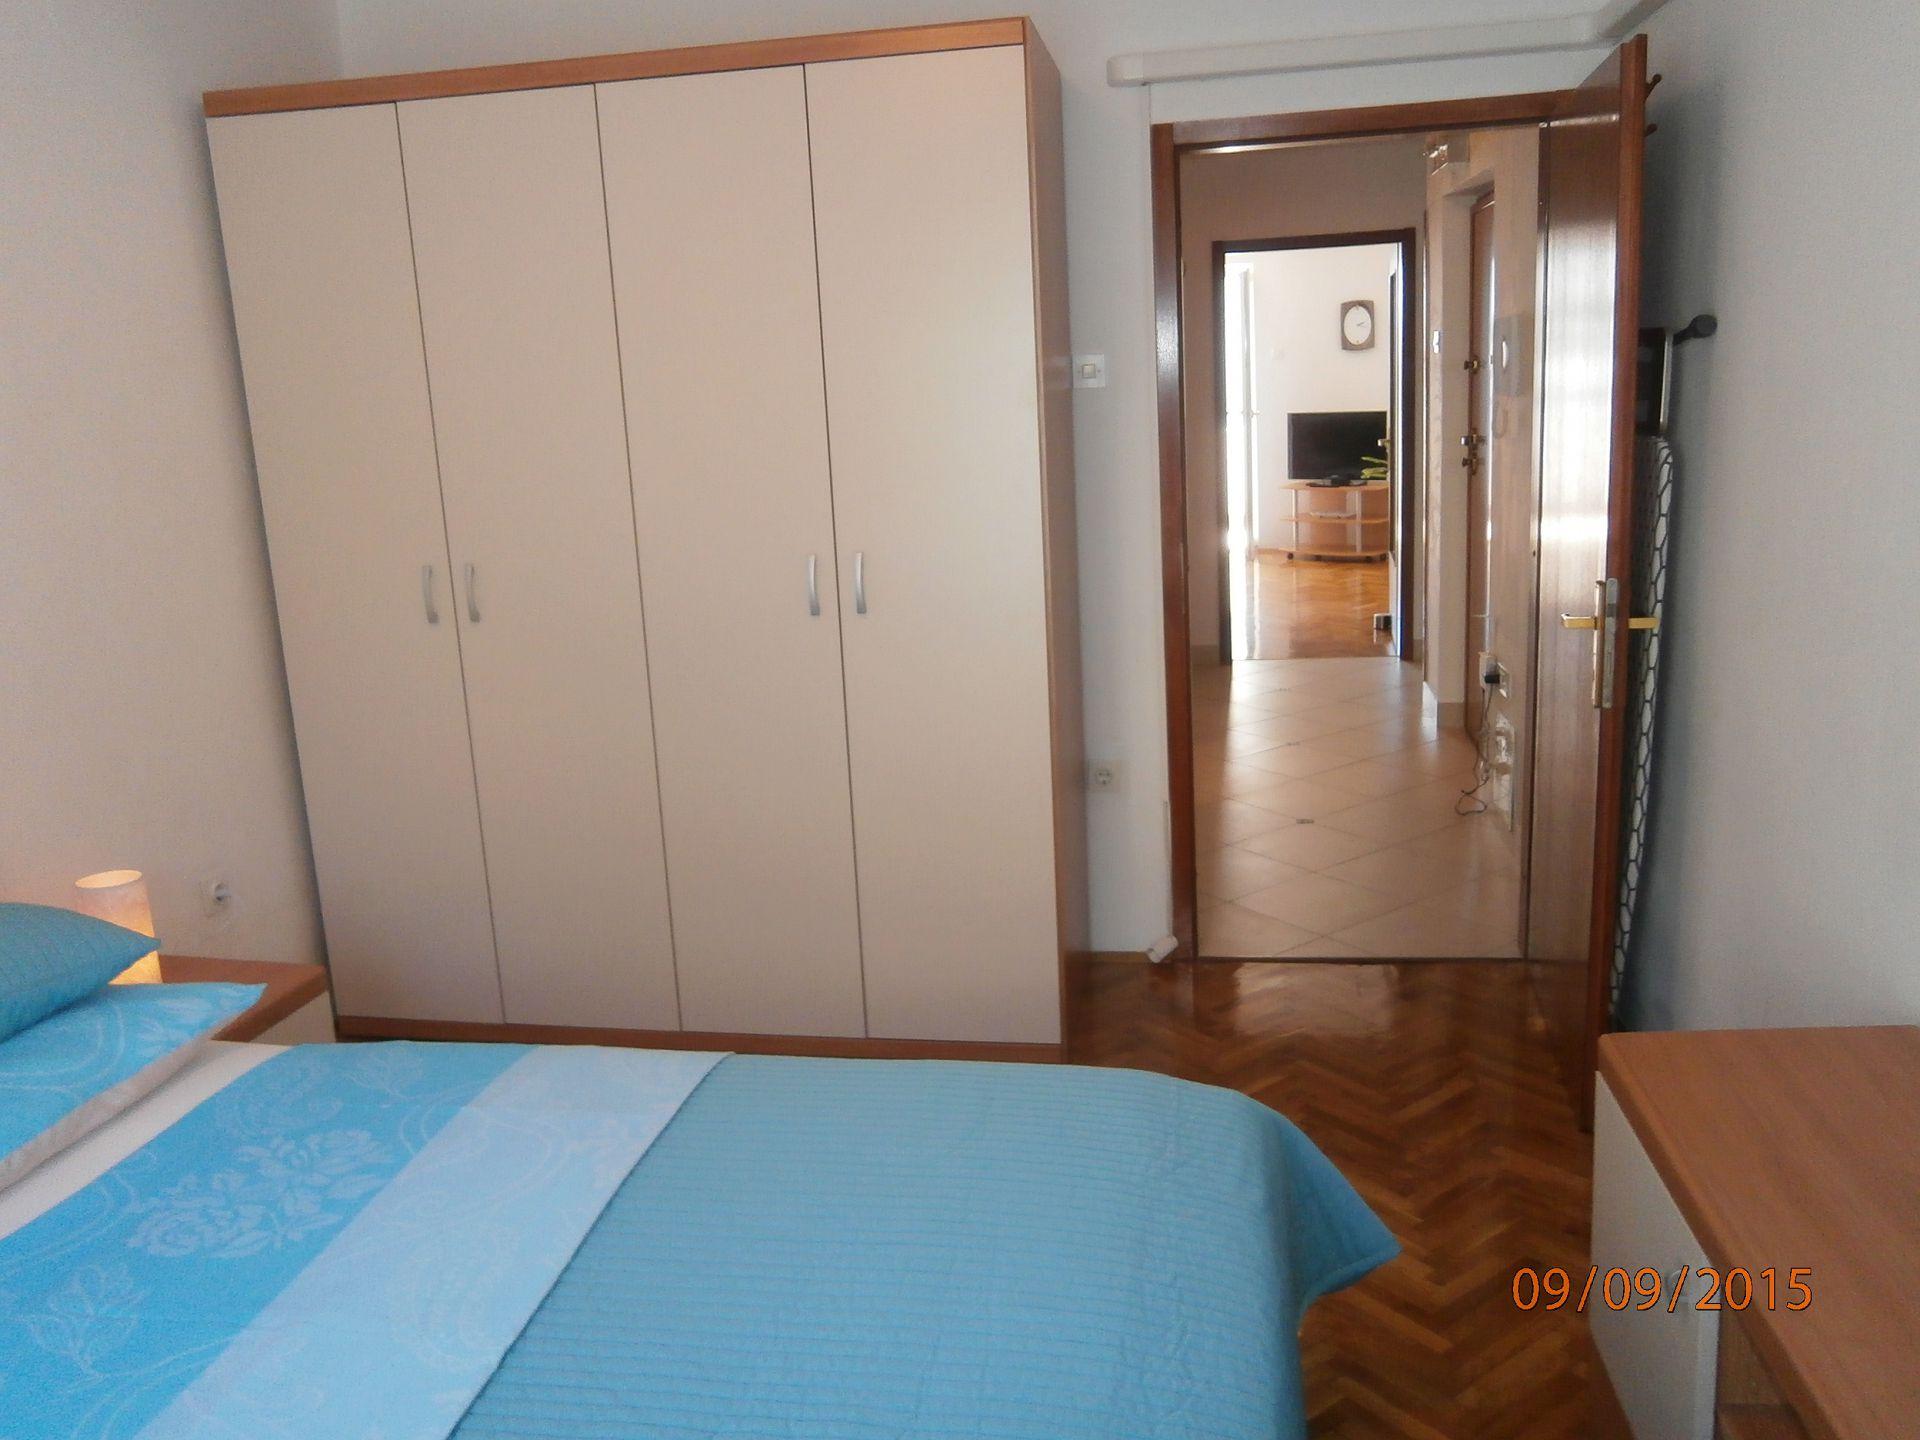 5751 - Lovran - Apartments Croatia - A1(2+2): bedroom